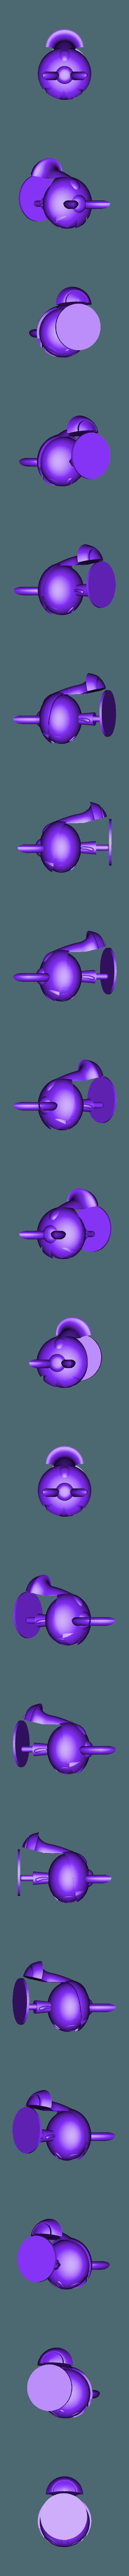 Bloom Power Puff.stl Télécharger fichier STL gratuit Les filles de la poupée de fleurs • Plan pour impression 3D, Jangie